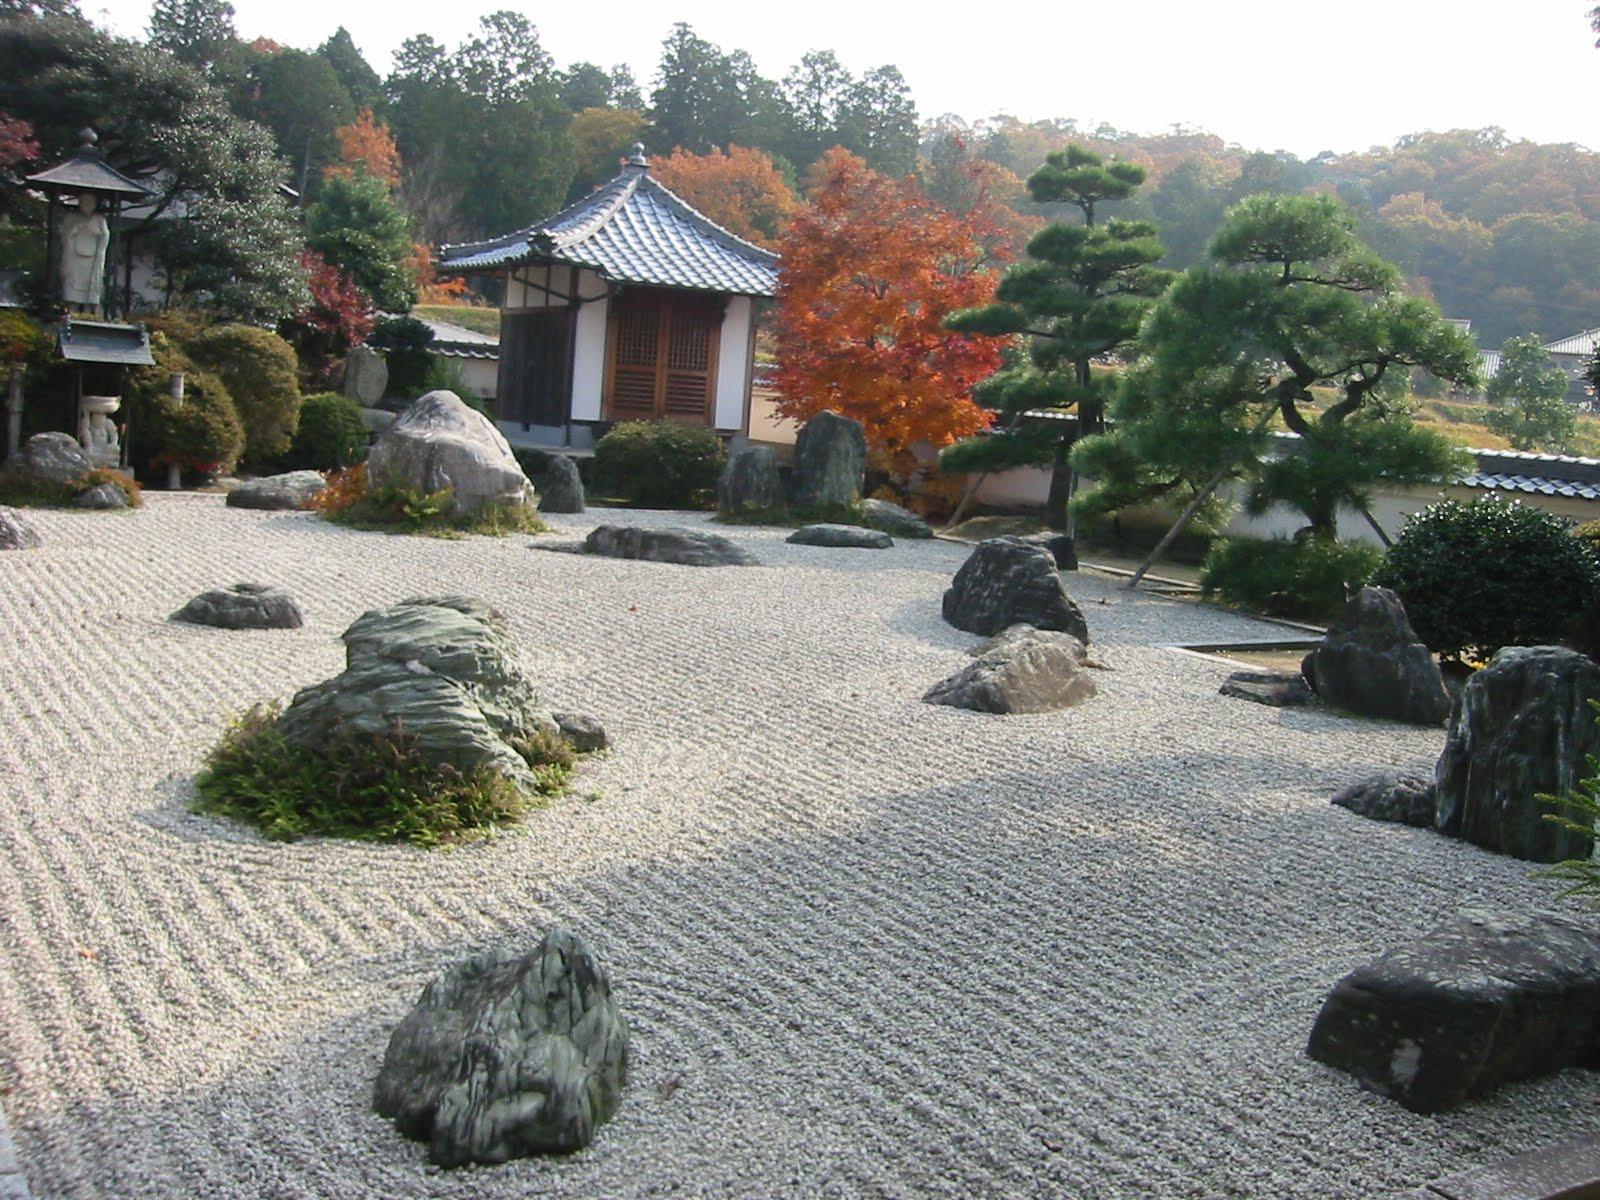 La casa della mia anima giappone for Giappone case